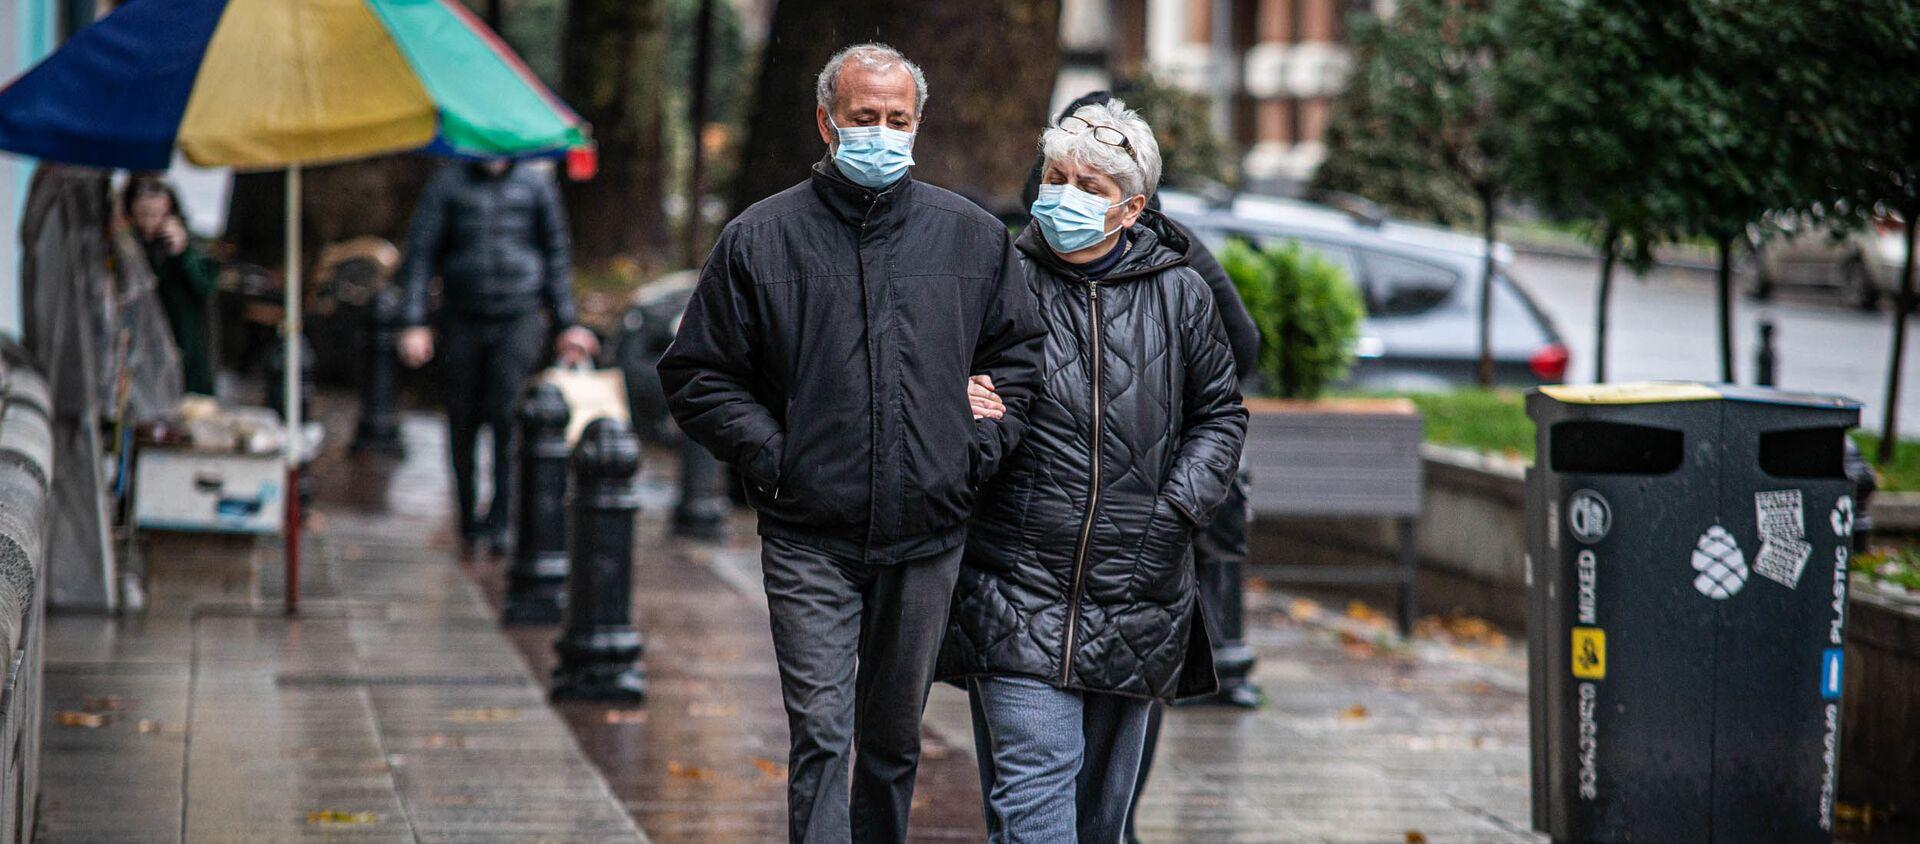 Эпидемия коронавируса - прохожие в масках на улицах грузинской столицы в дождь - Sputnik Грузия, 1920, 31.01.2021